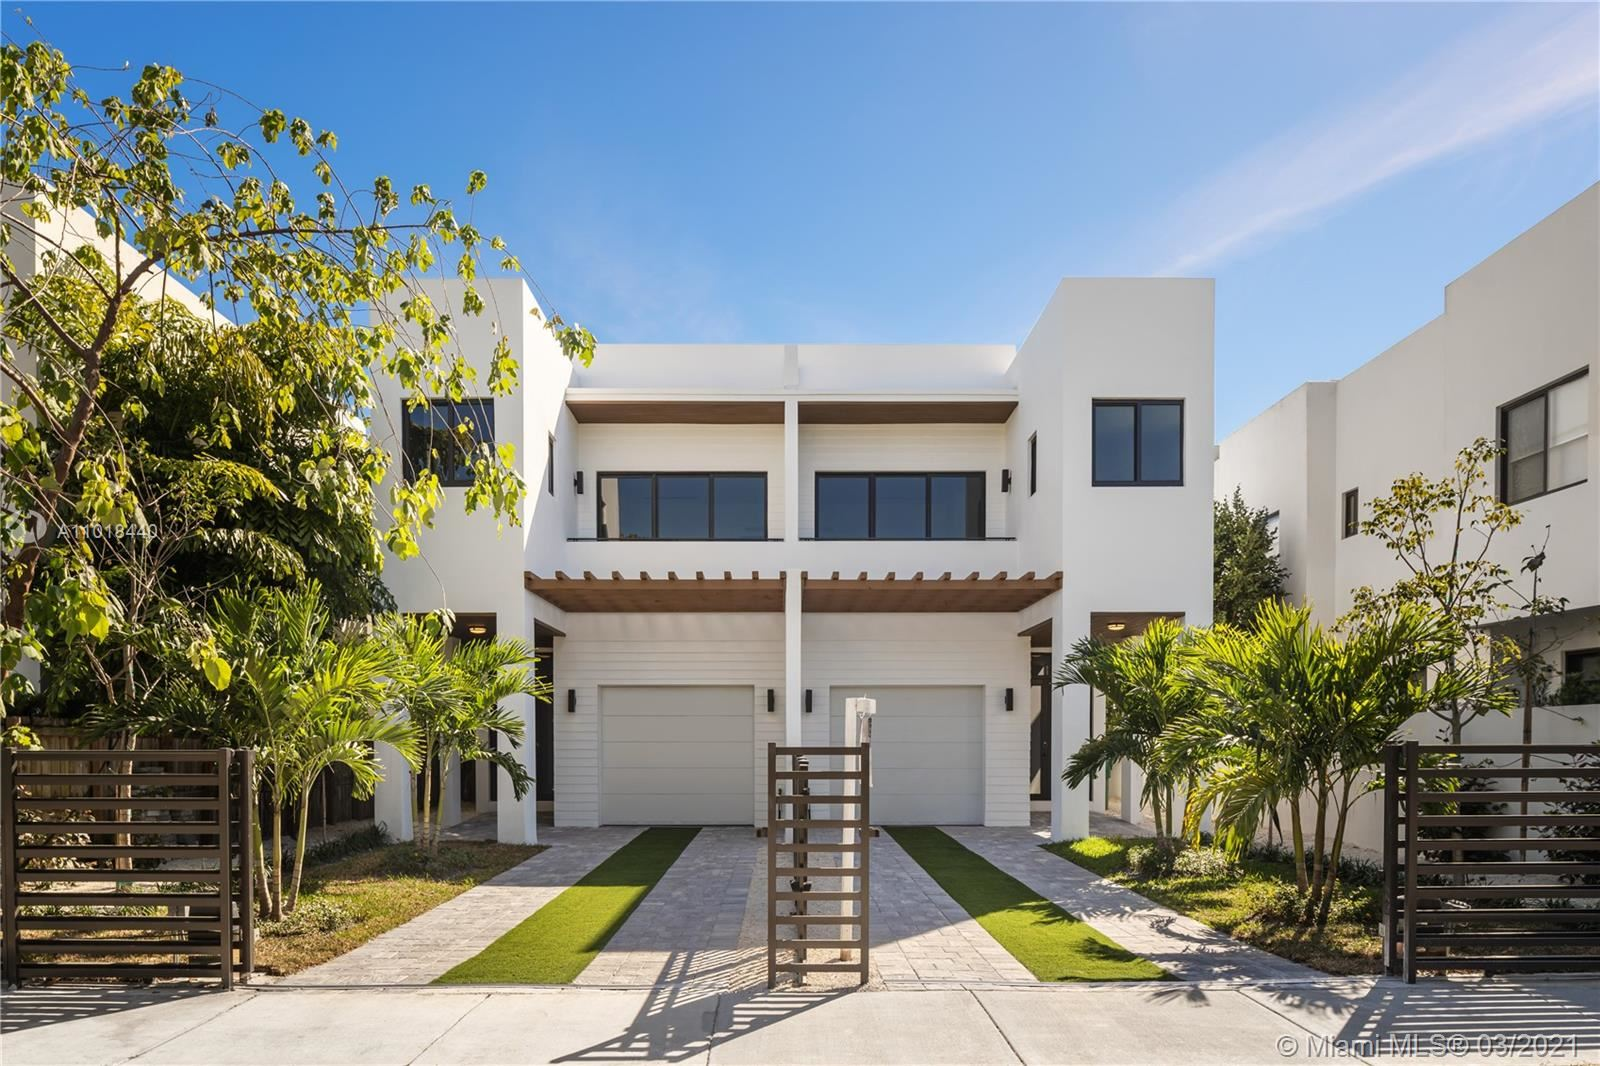 3280 Day Ave #2, Miami, FL 33133 - #: A11018440